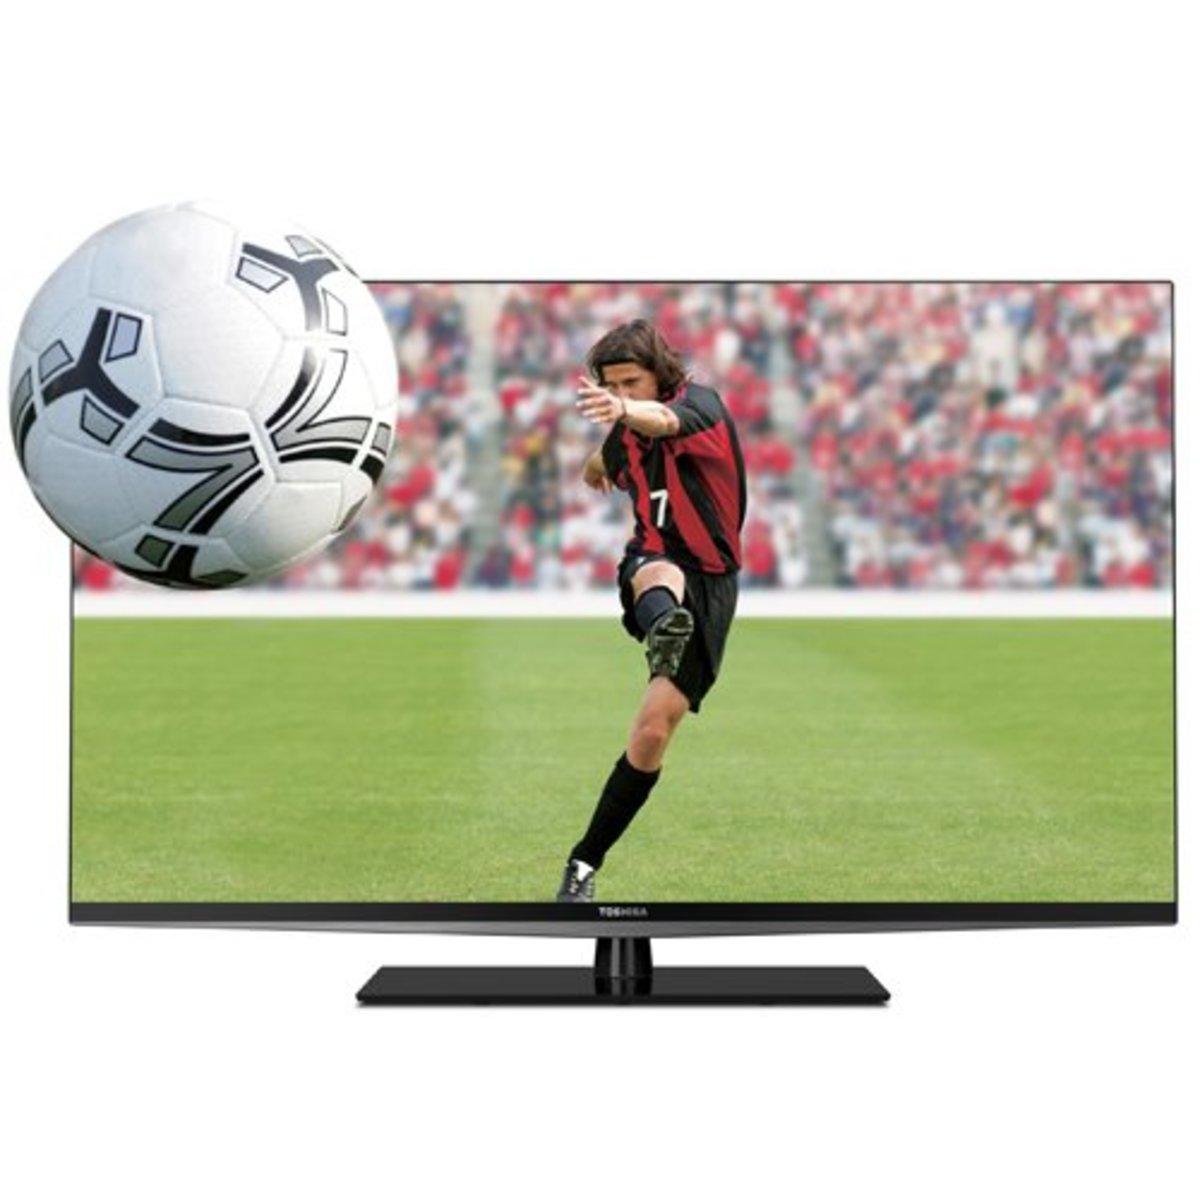 Budget Toshiba 55L6200U 3D HDTV